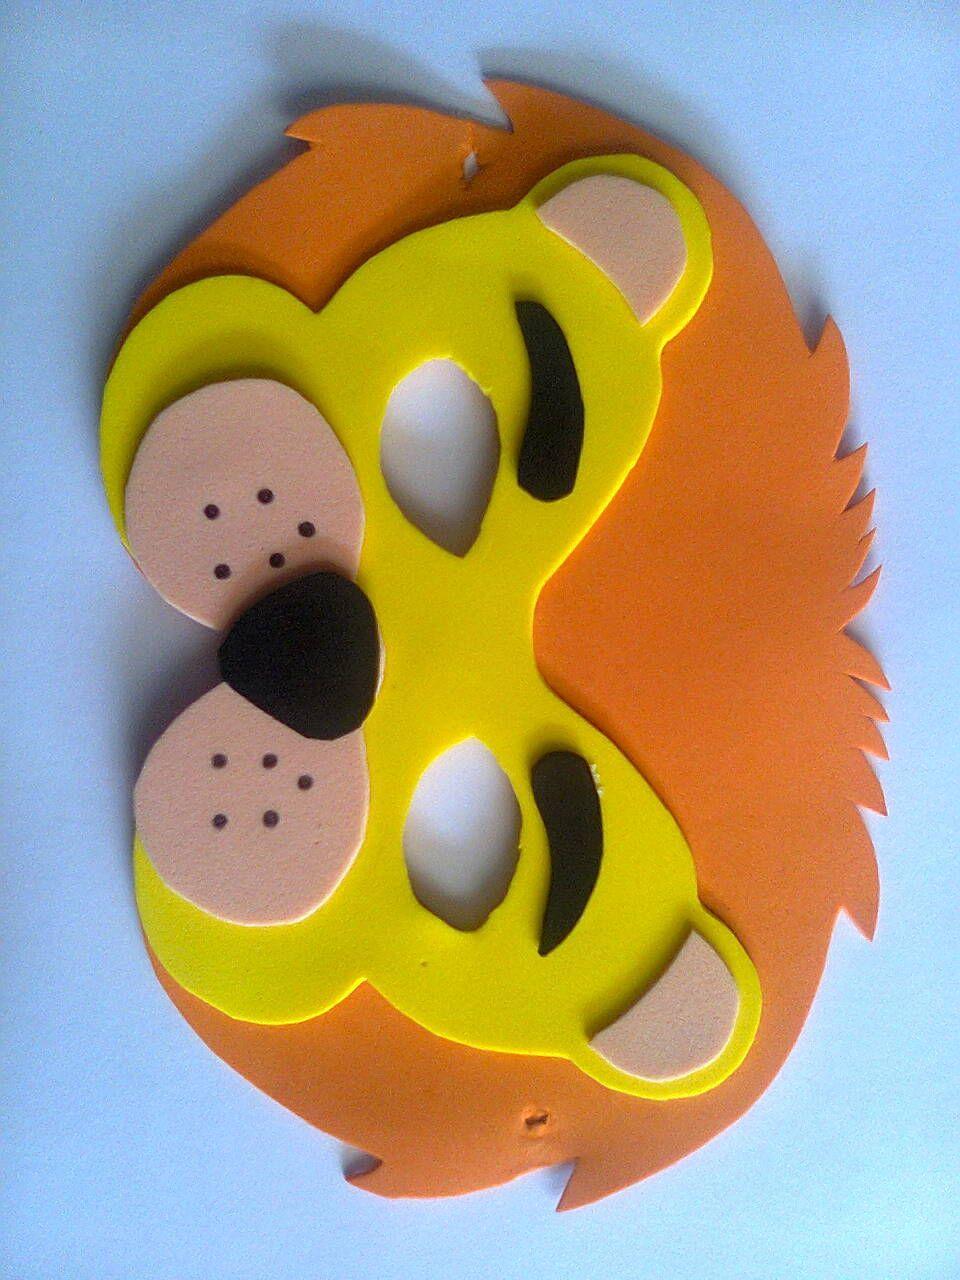 Mascara leon disfraces pinterest mascaras le n y for Disfraces antifaz